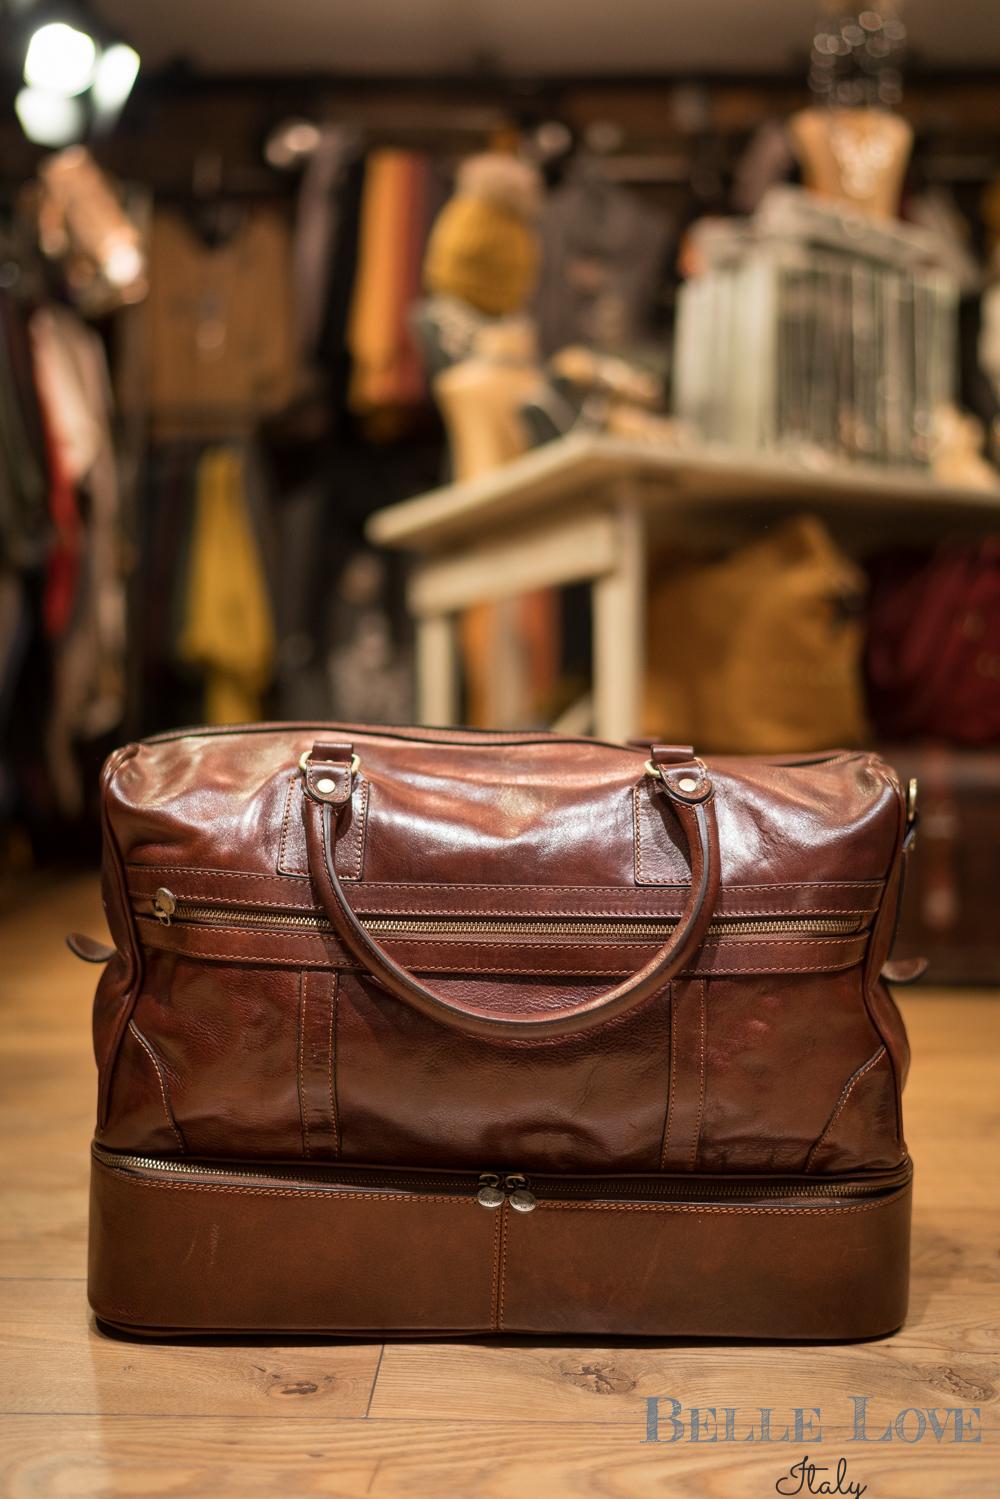 Belle Love Italy Luxury Weekend Travel Bag